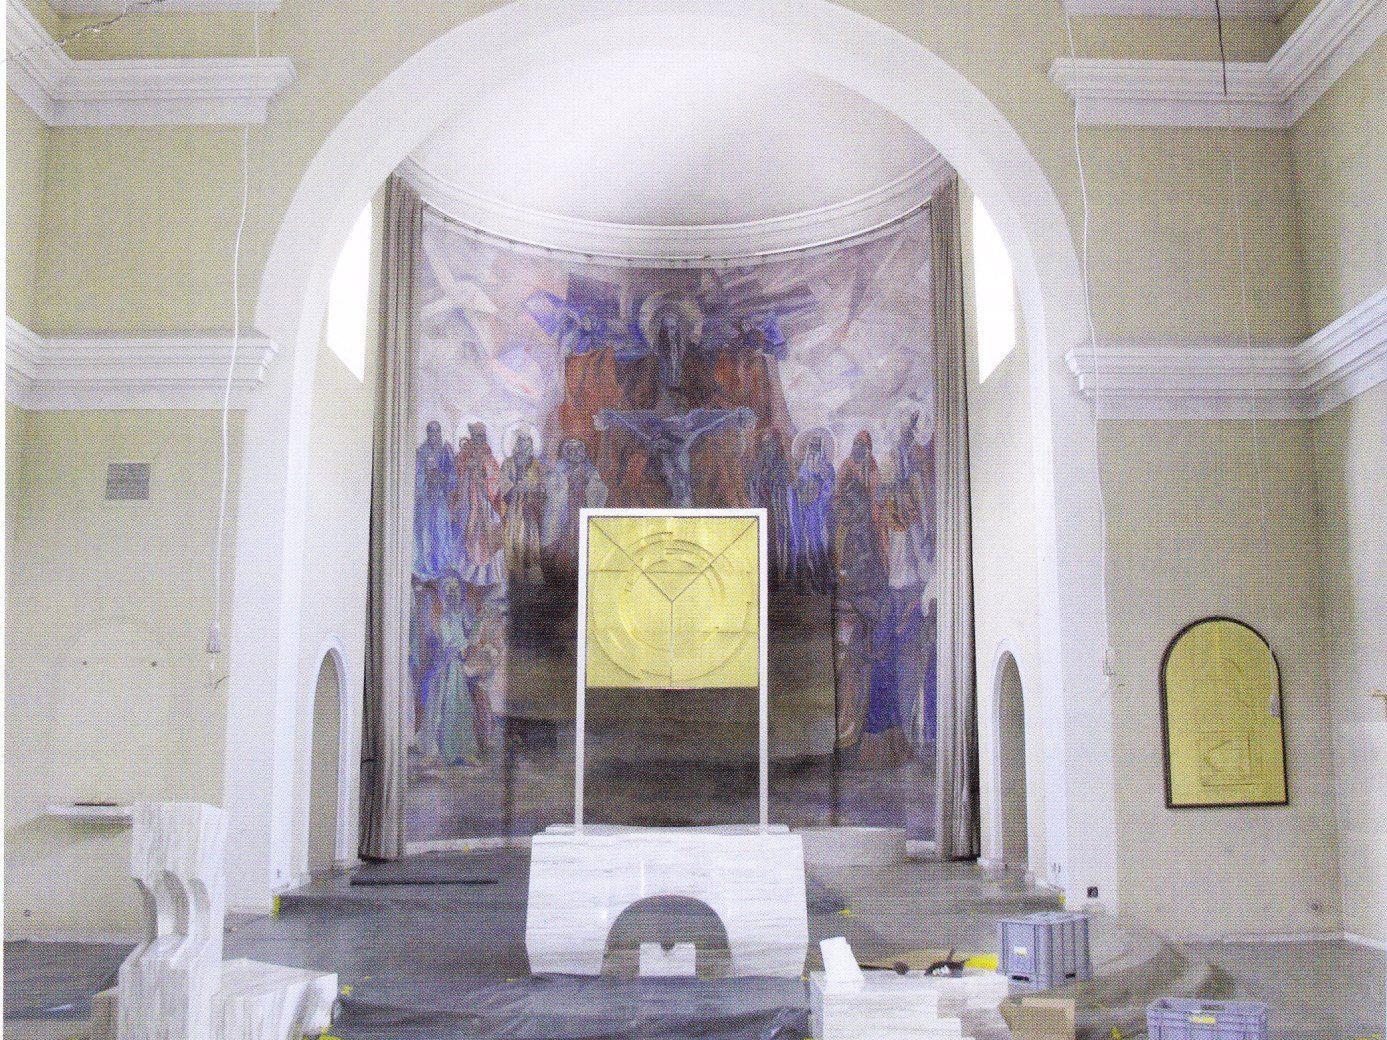 Das Monumentale Chorwandbild von Martin Häusle in der Maurer Kirche